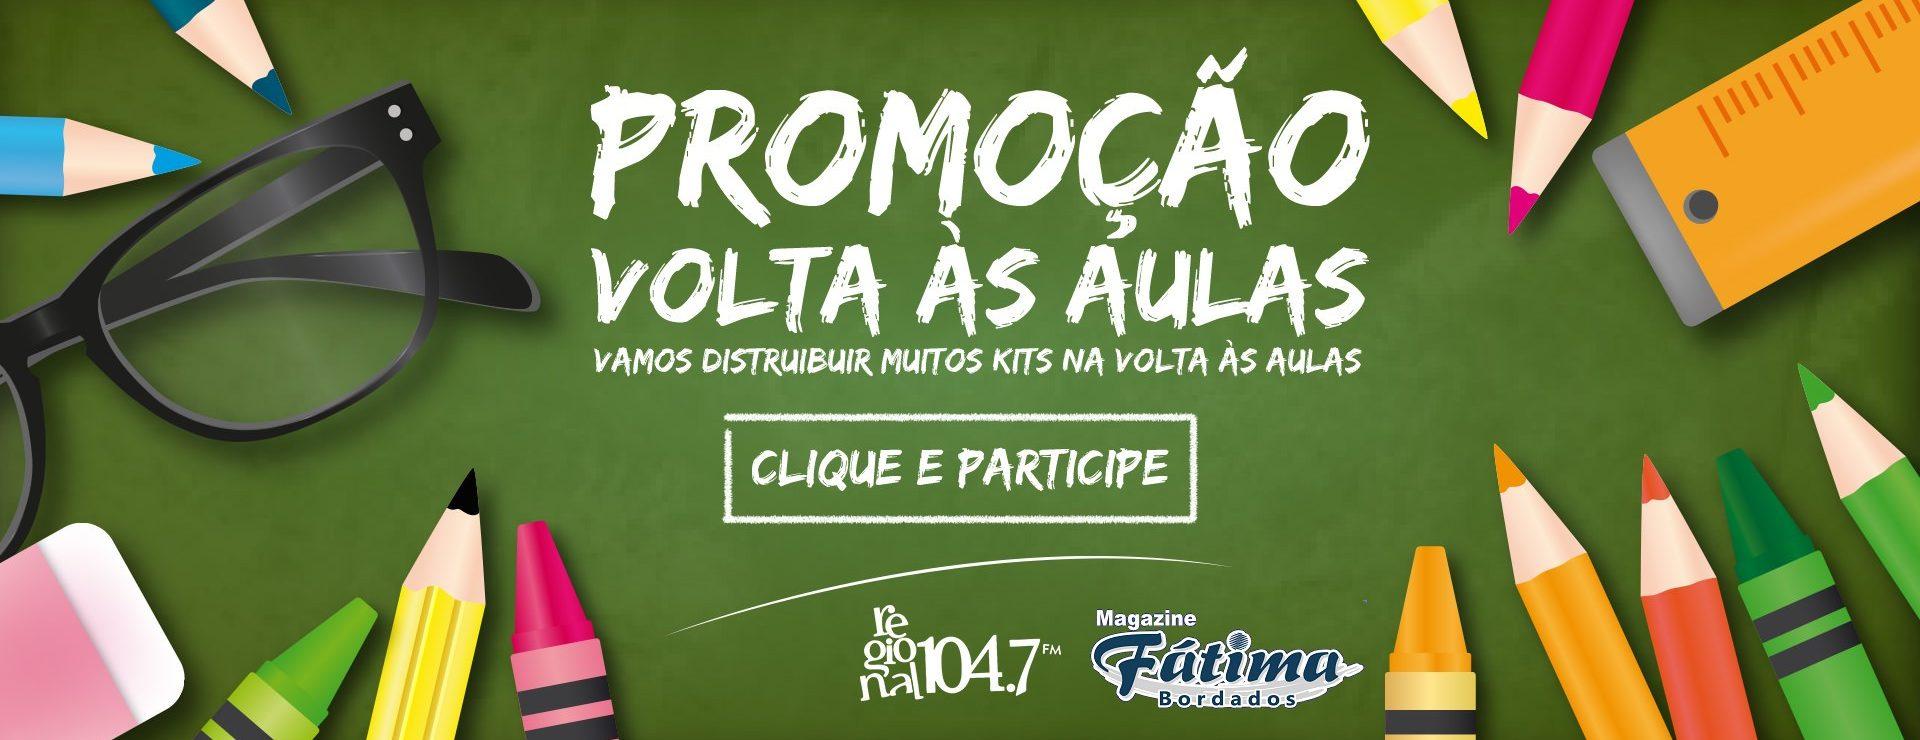 Promoção VOLTA ÀS AULAS